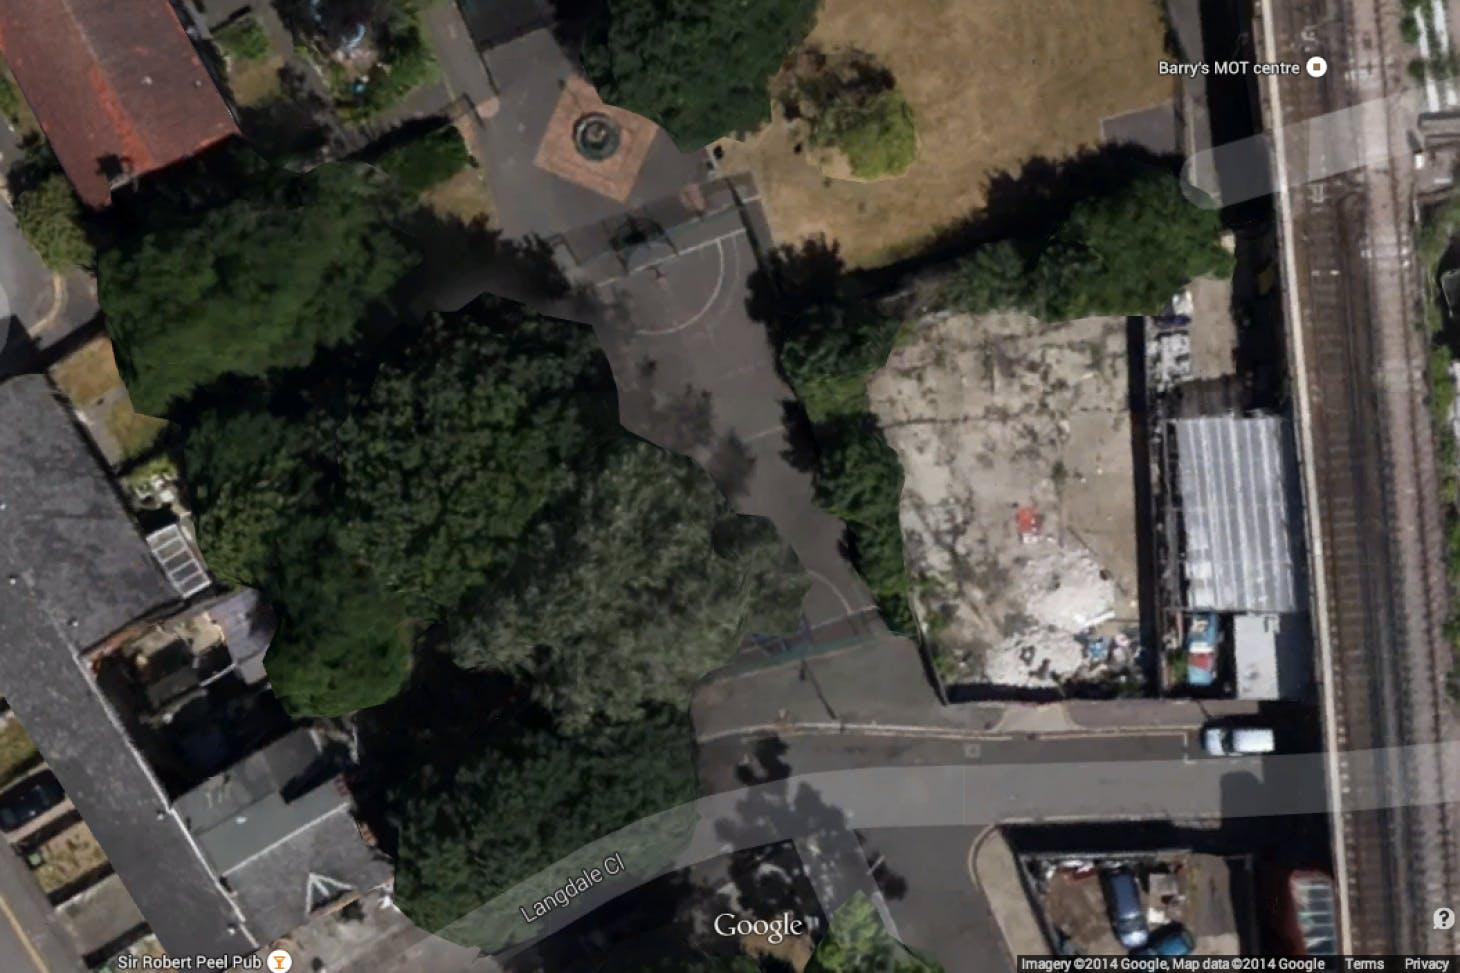 Pelier Park 5 a side | Concrete football pitch